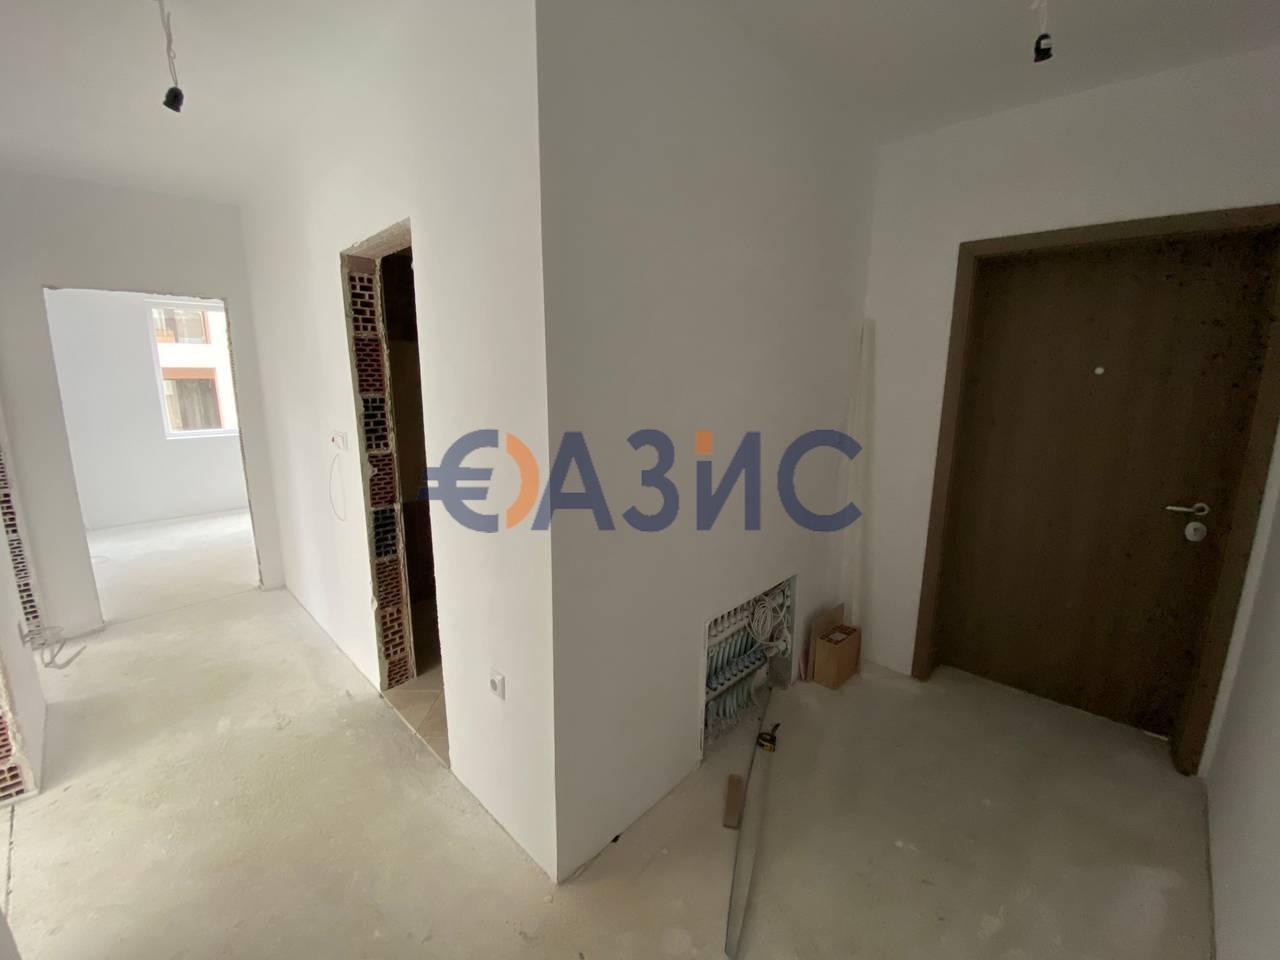 Трехкомнатный апартамент с водяным отоплением пола, Несебр, Болгария, 6